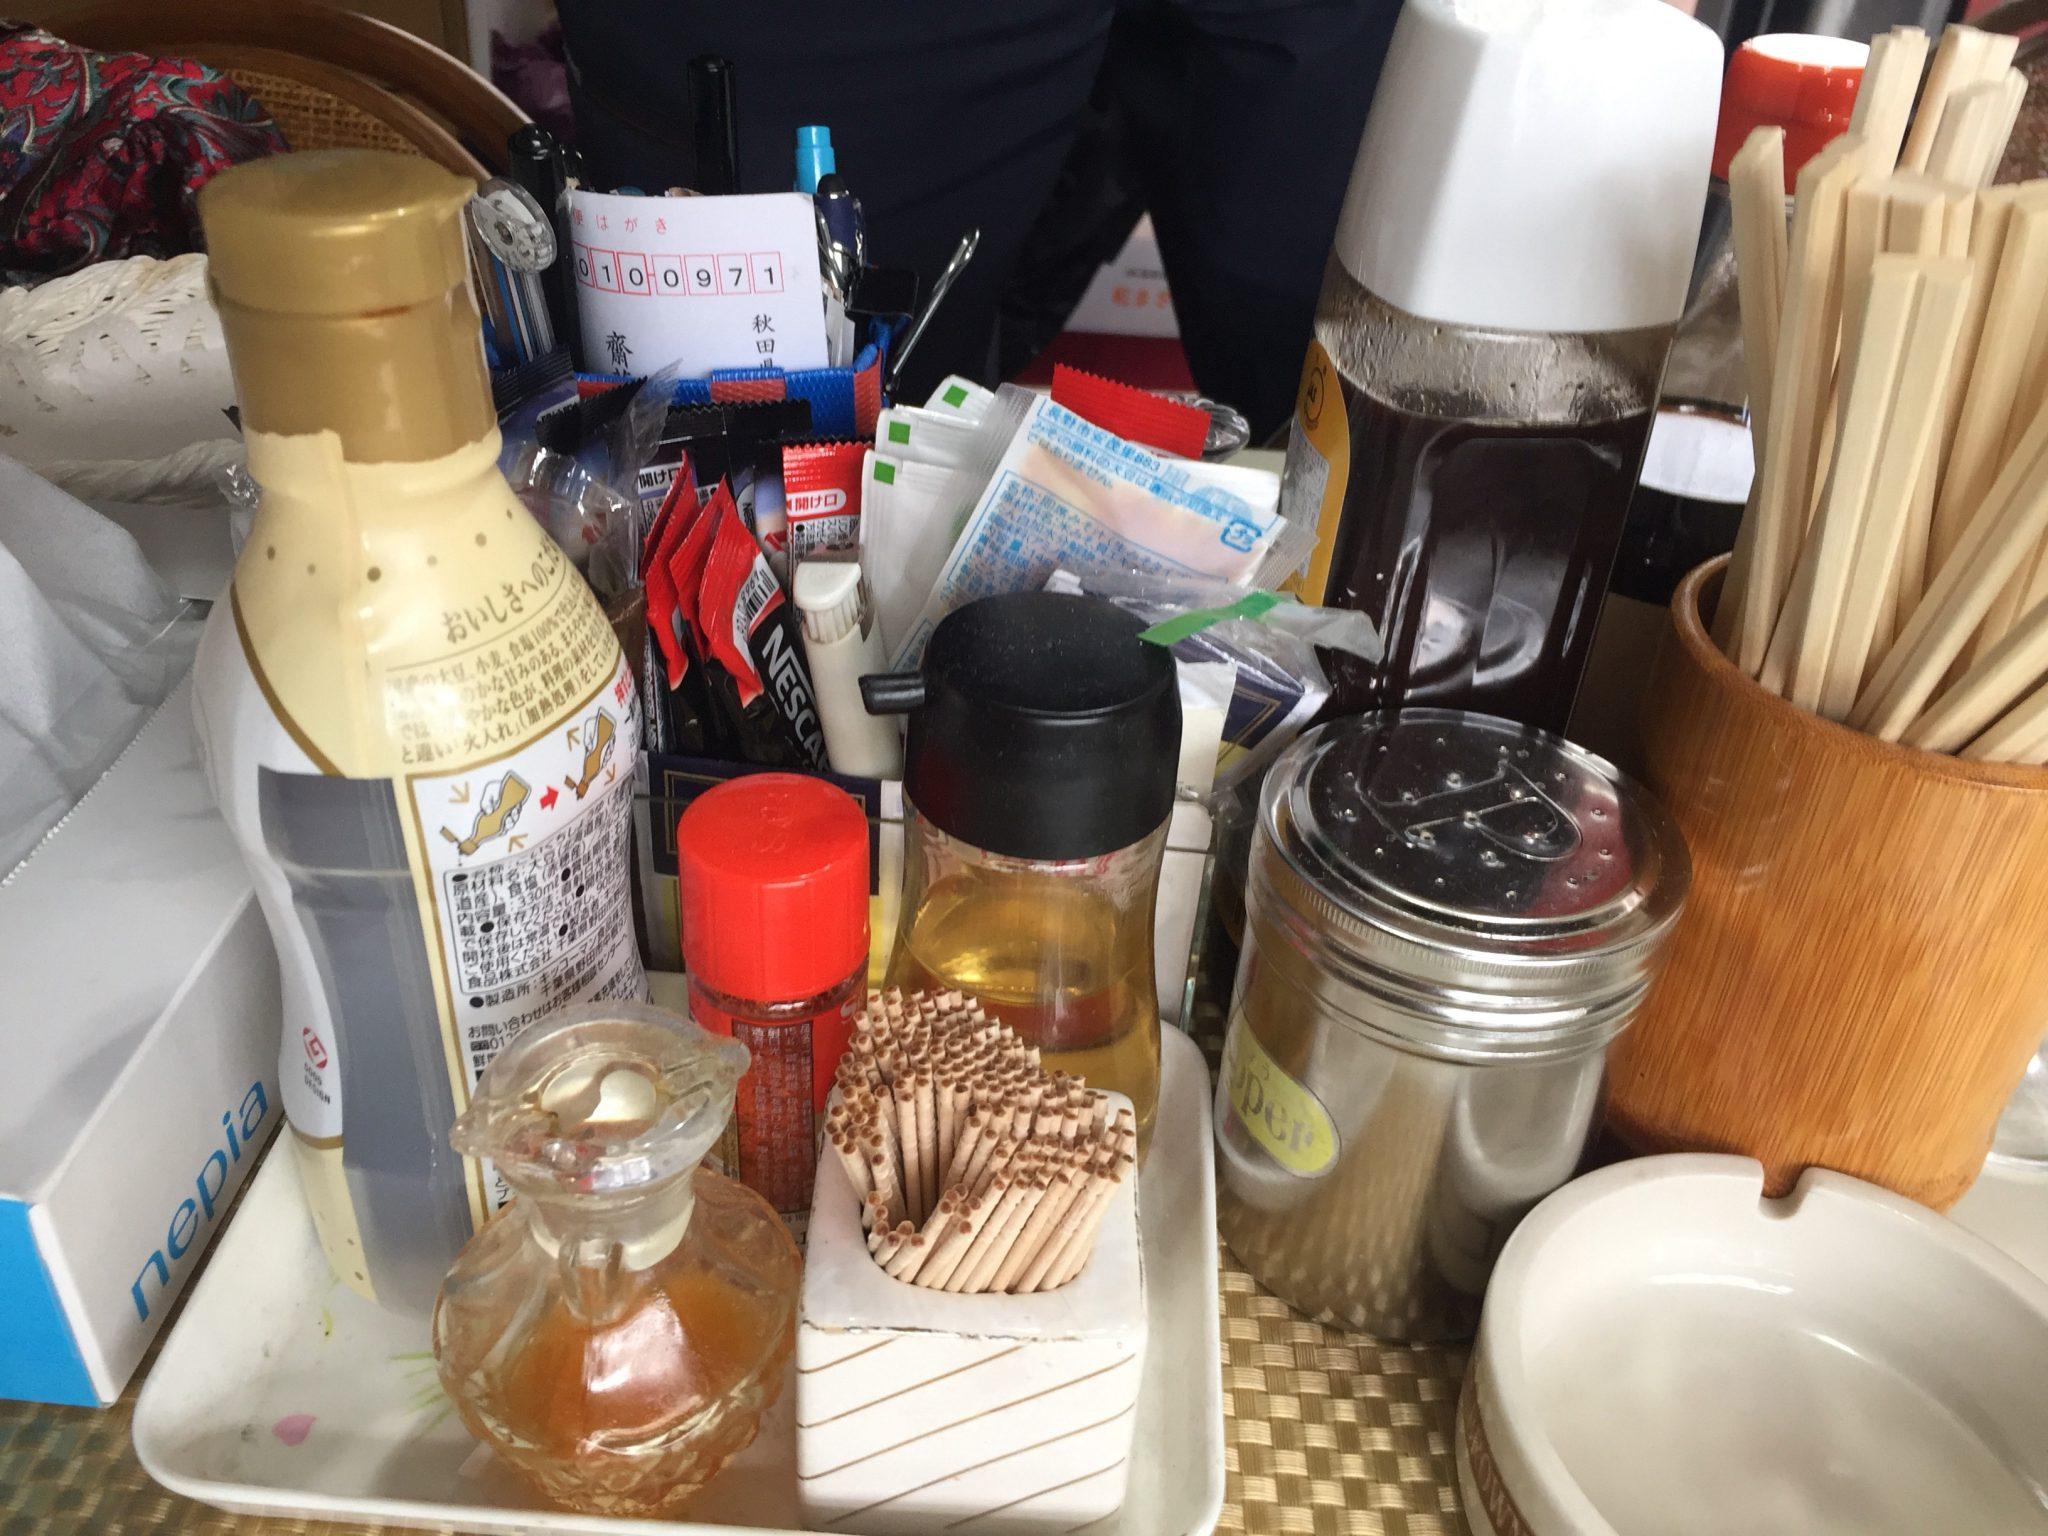 清山食堂 1/2カレーとラーメンセット 味変 調味料